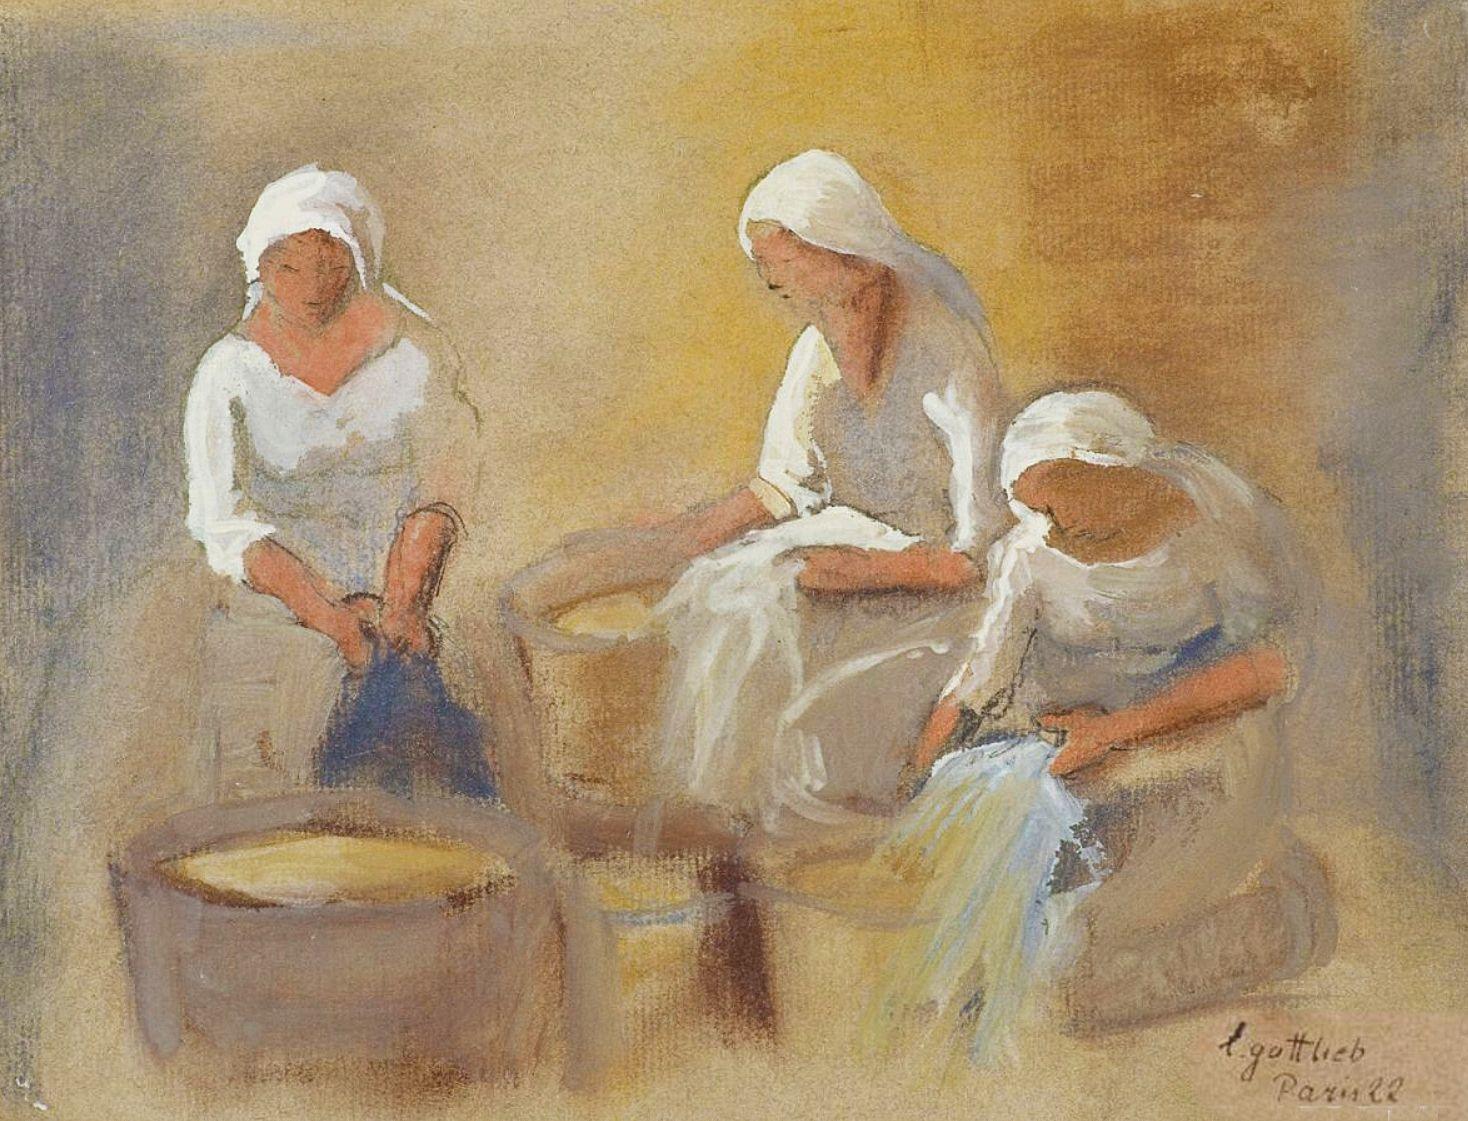 Леопольд Ґоттліб. Прачки, 1922; папір, пастель, гуаш